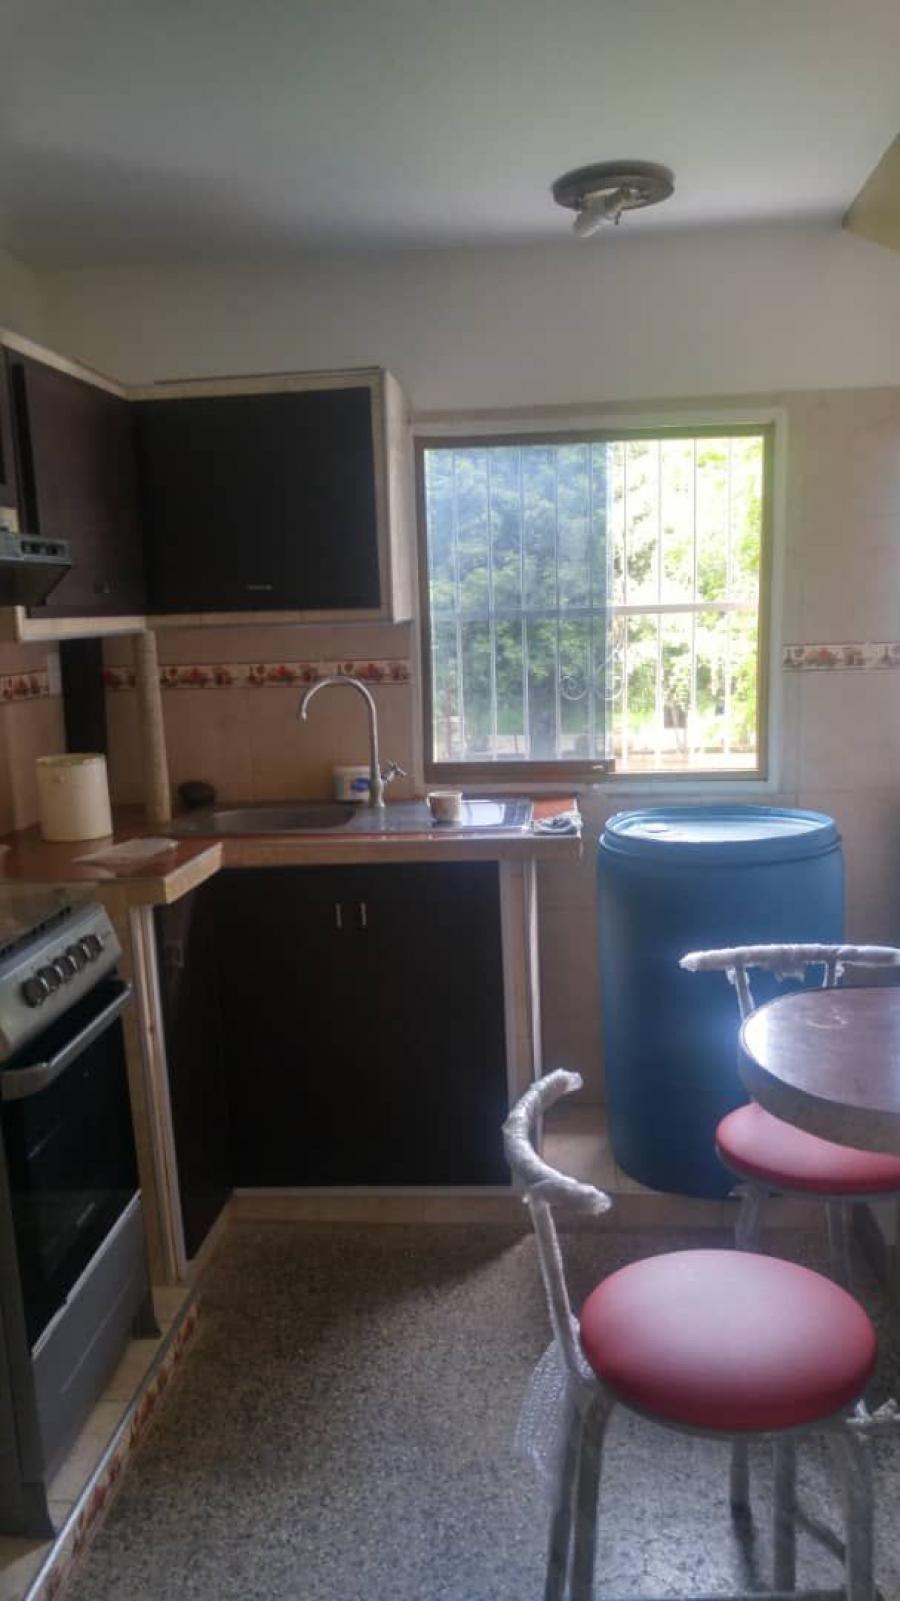 Foto Apartamento en Venta en RAFAEL URDANETA, Valencia (Valencia), Carabobo - U$D 10.000 - APV156489 - BienesOnLine